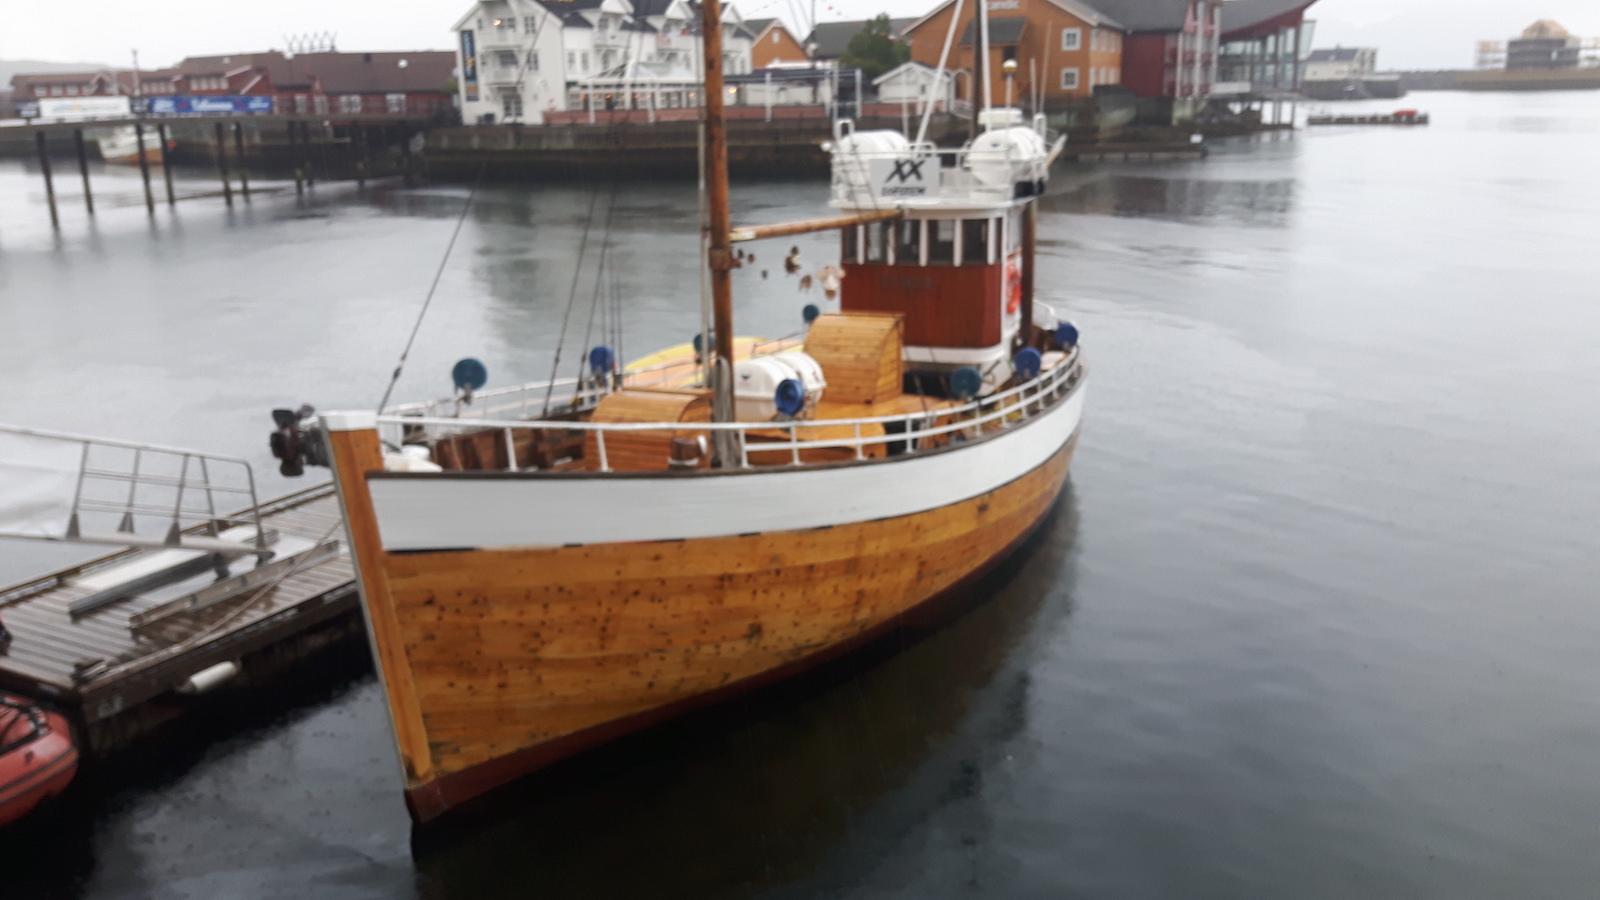 Lofoten fishing boat Norway